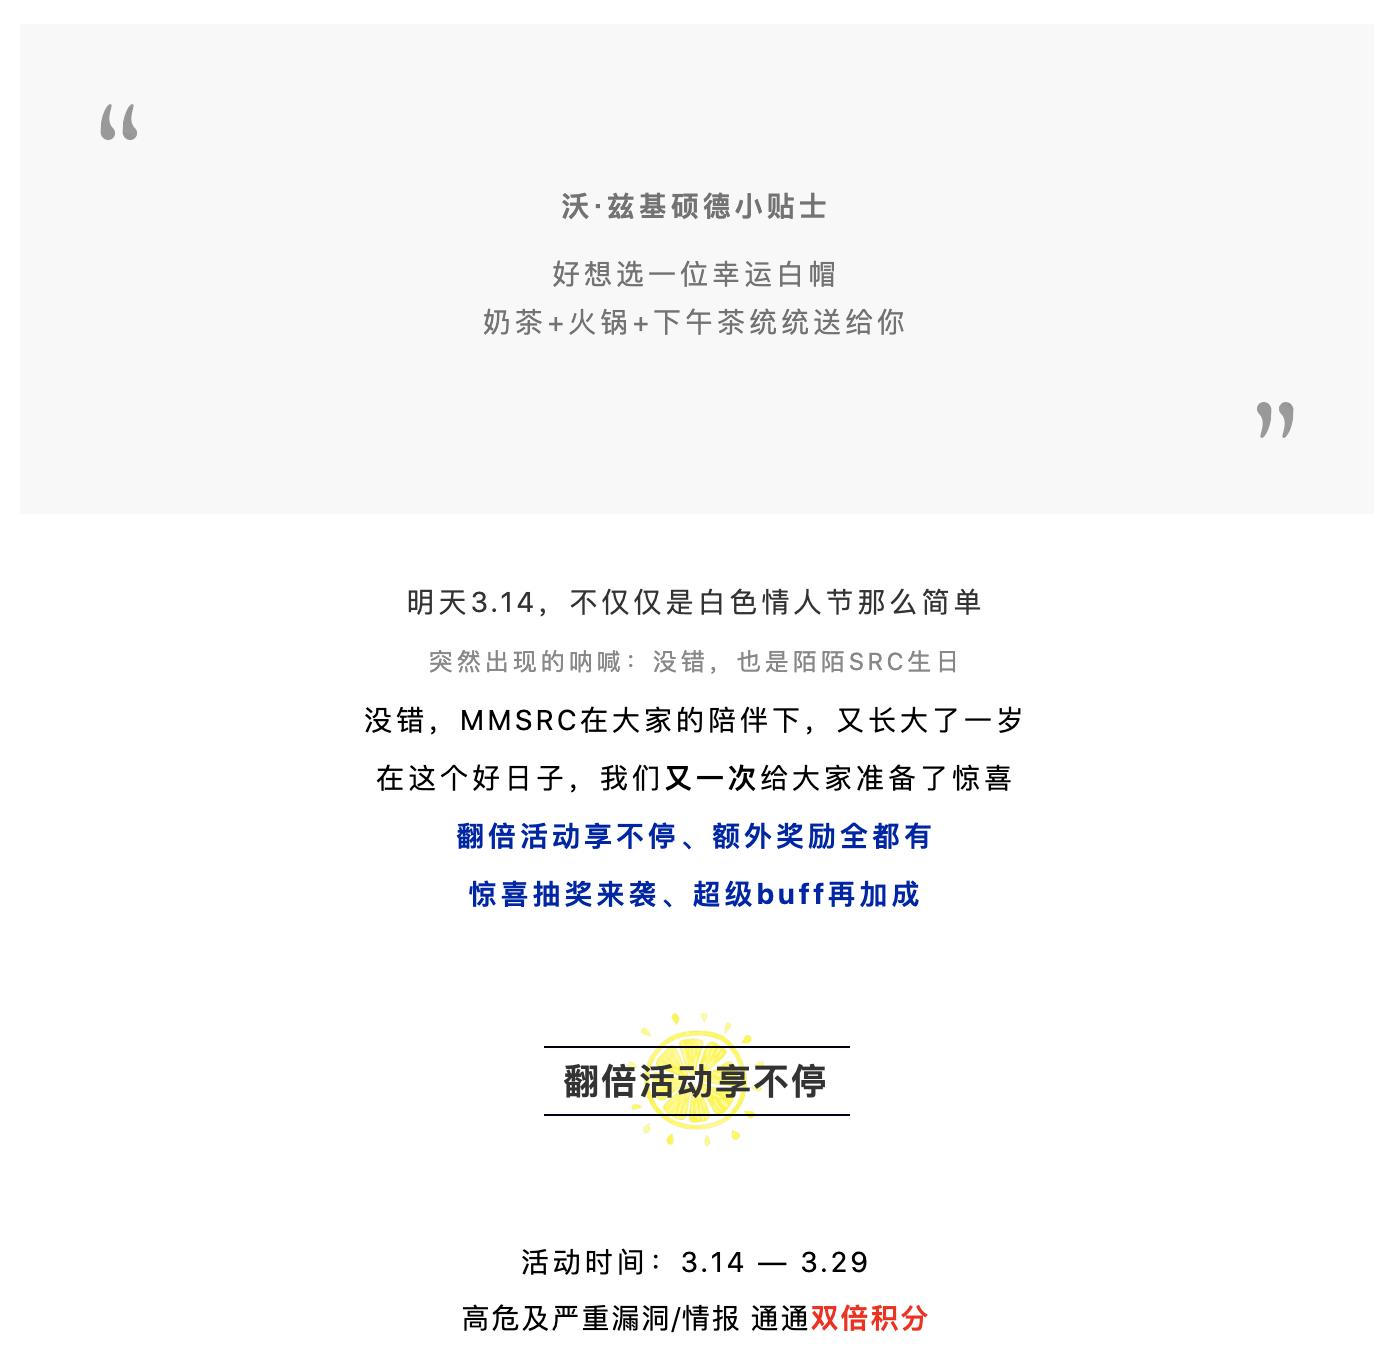 https://momo-mmsrc.oss-cn-hangzhou.aliyuncs.com/img-00bf34de-2529-336d-90f6-bb300a6dd632.png